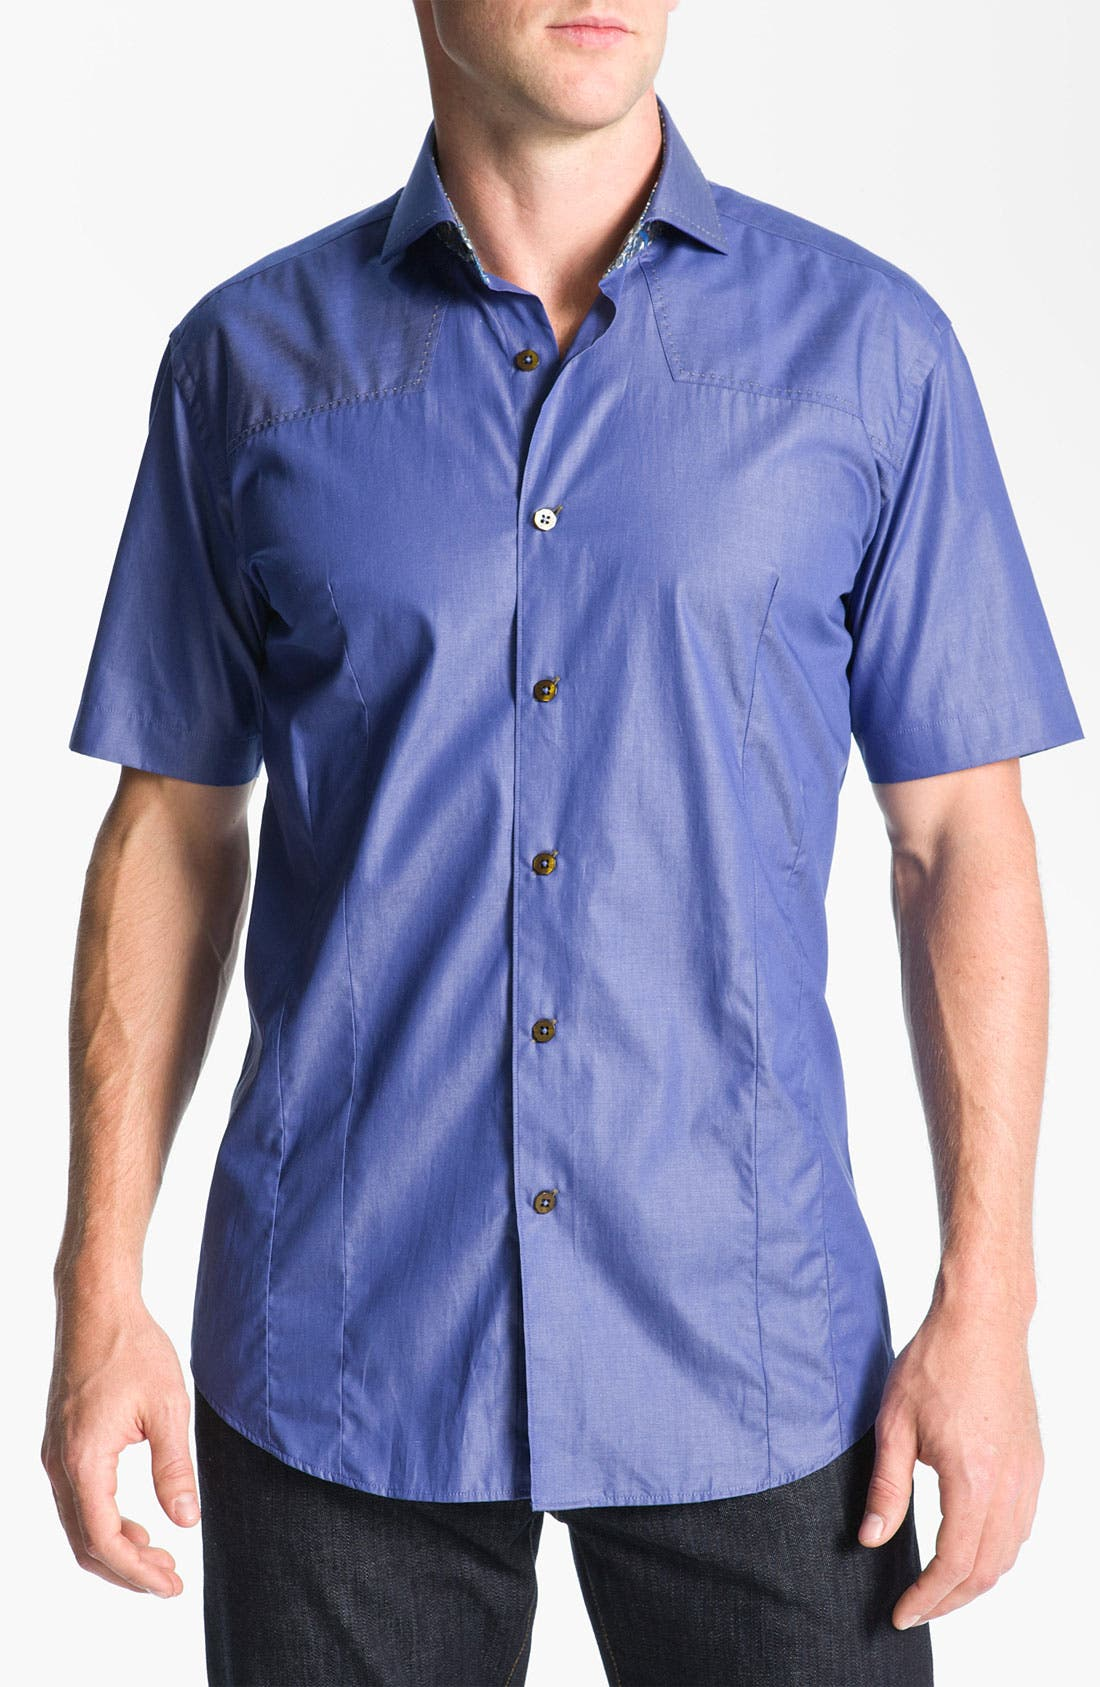 Alternate Image 1 Selected - Bogosse 'Mini Aramis' Sport Shirt